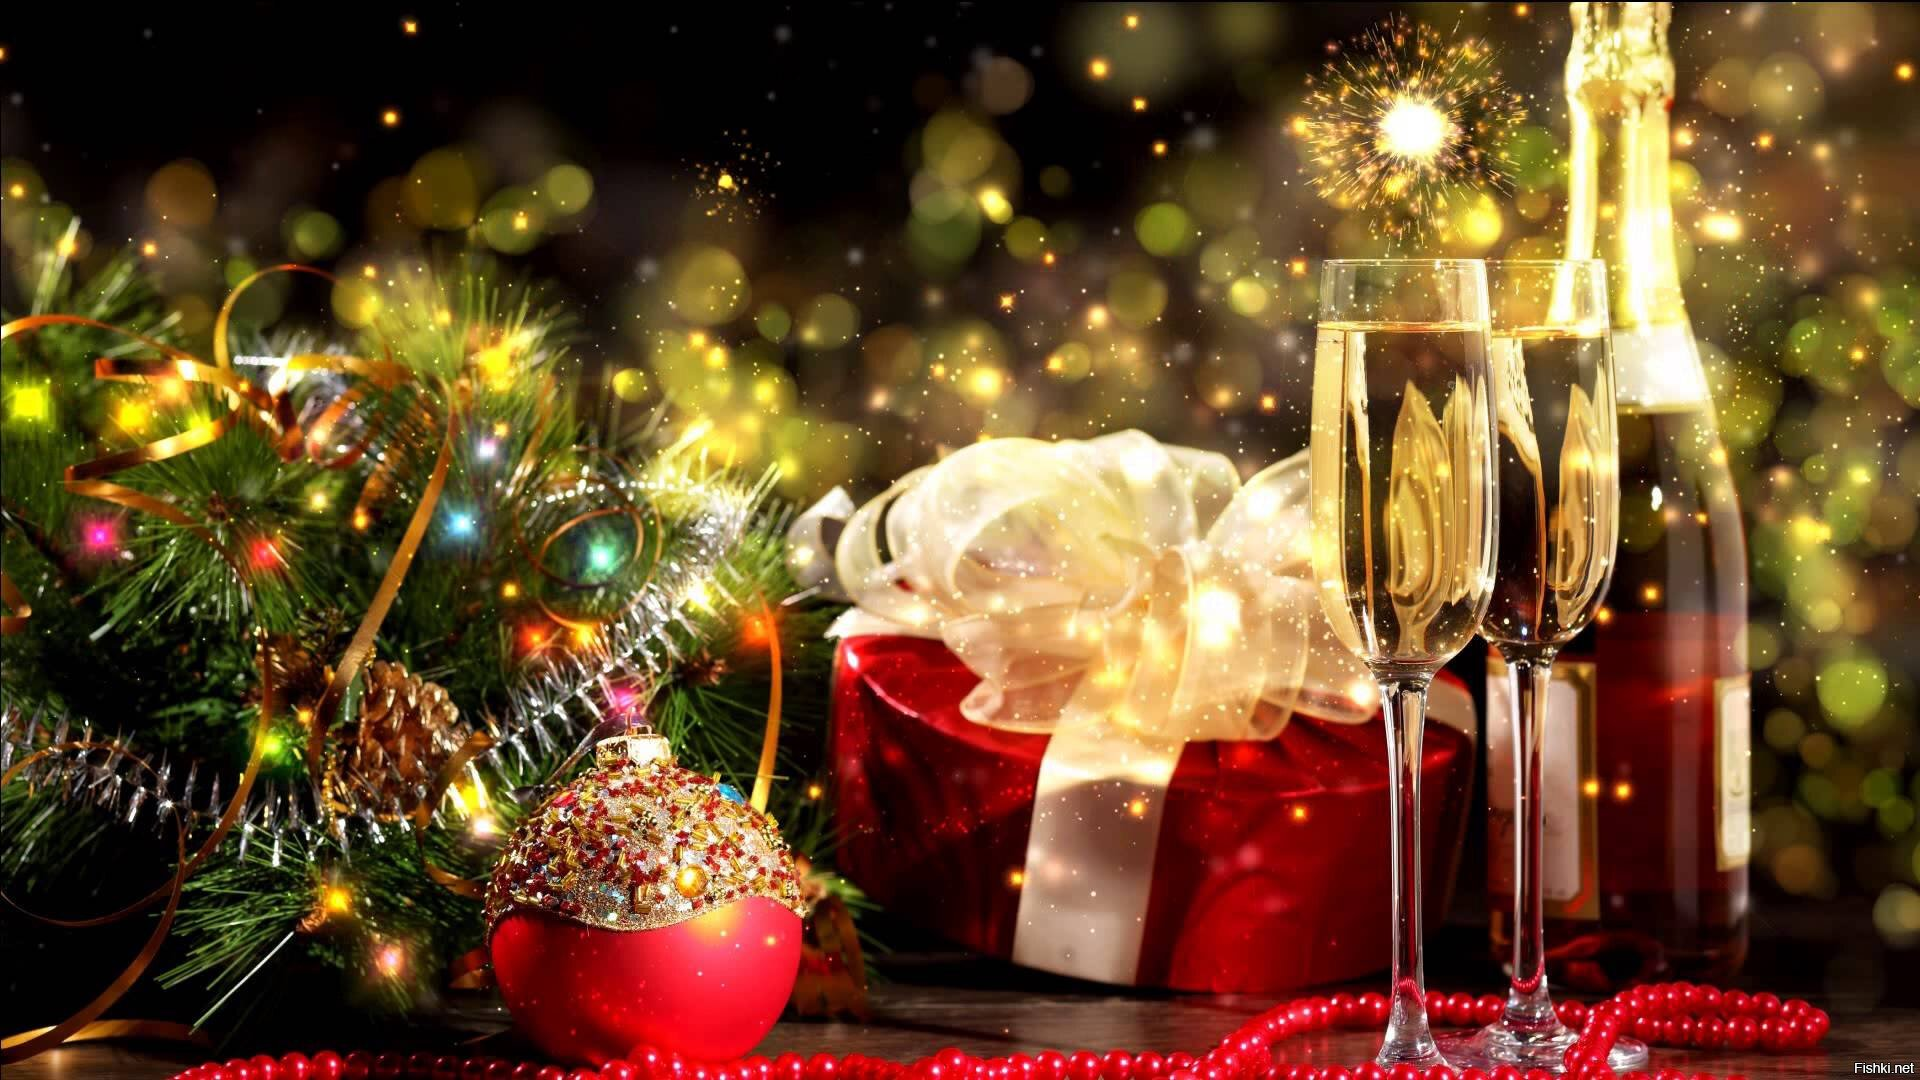 Люди мои дорогие, тех, у кого Новый год уже наступил - с Новым Годом